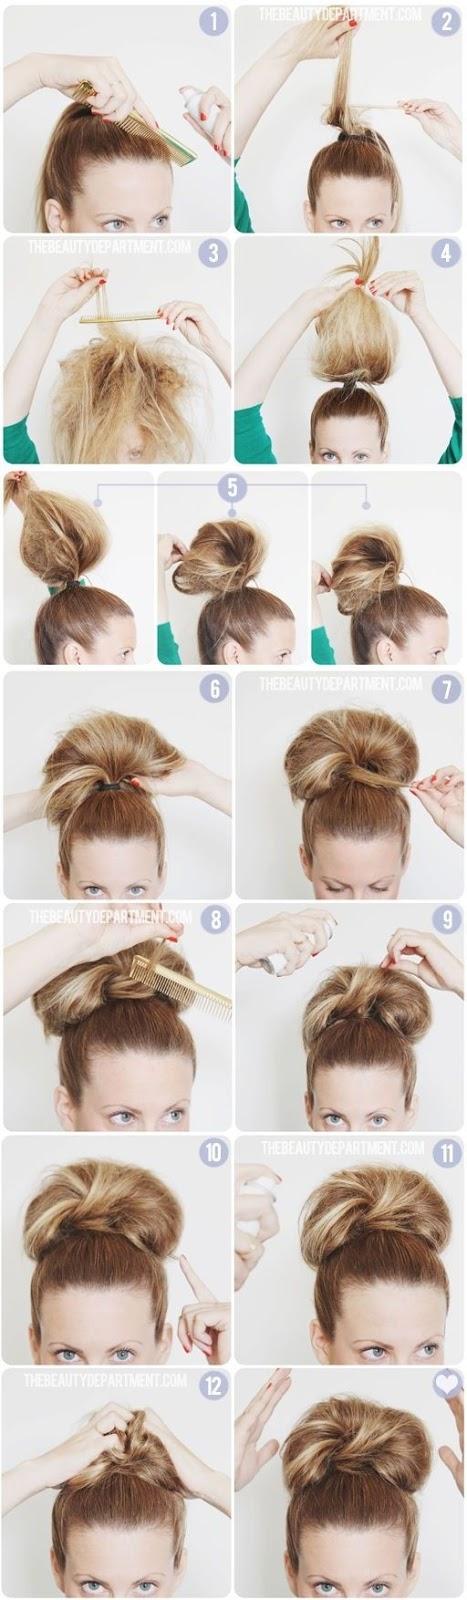 6 recogidos fáciles paso a paso - peinados fáciles